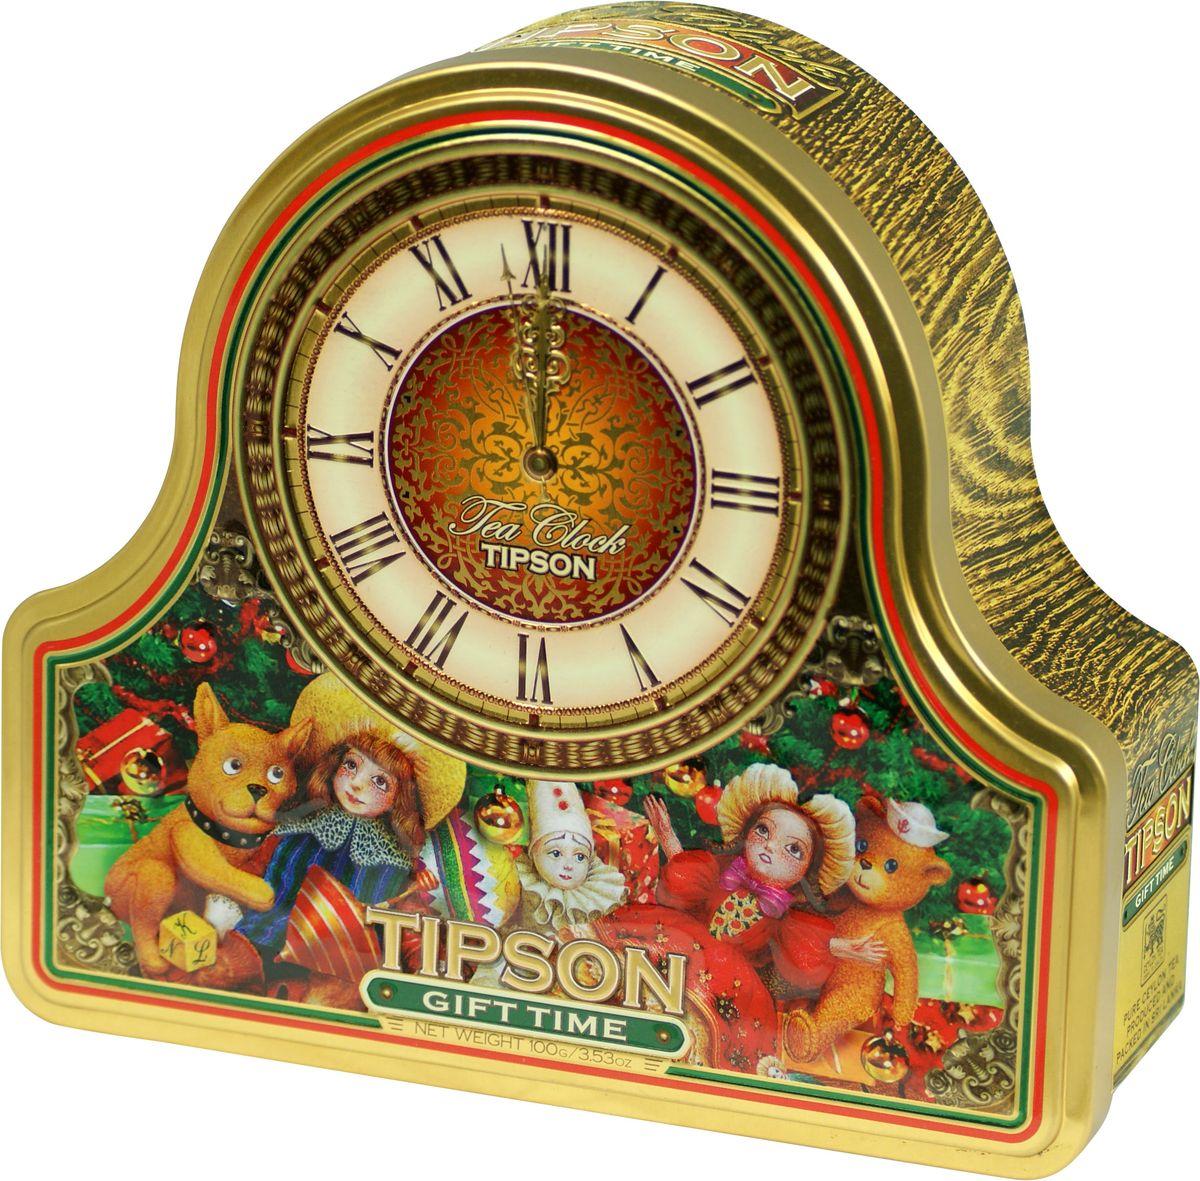 Tipson Gift Time черный листовой чай, 100 г (жестяная банка)70418-00Tipson Gift Time - чёрный цейлонский байховый листовой чай с ароматами клубники и сливок. Поставляется в новогодней подарочной металлической банке в форме часов.